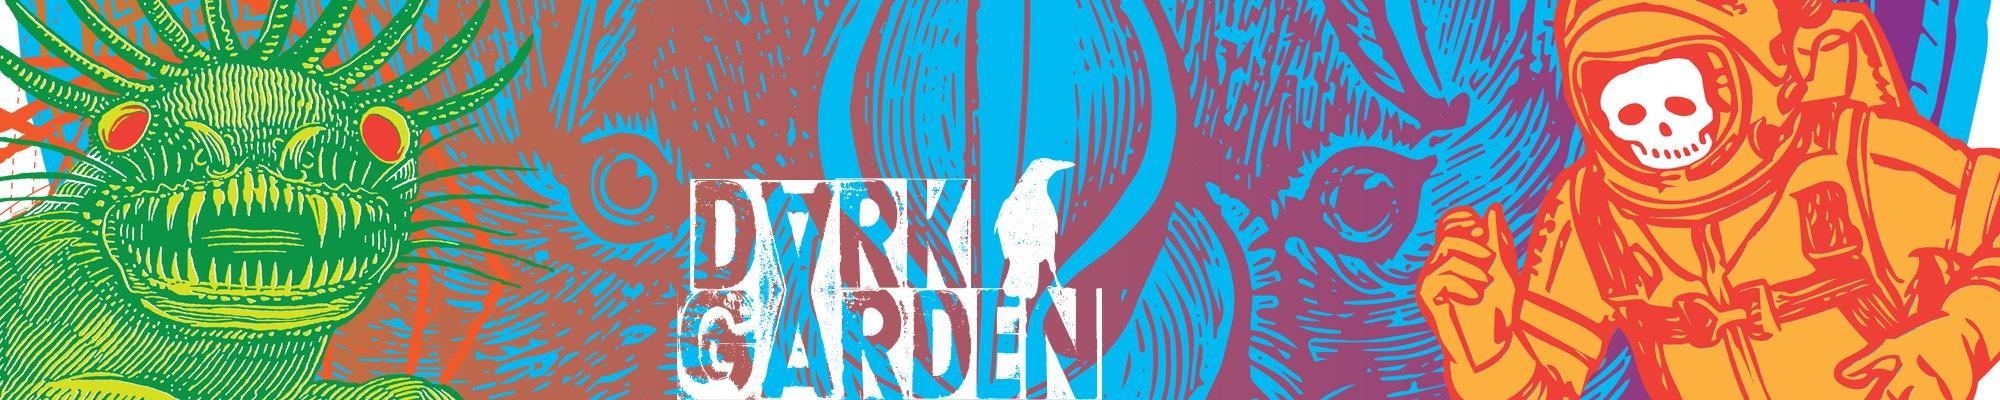 DarkGarden Cover